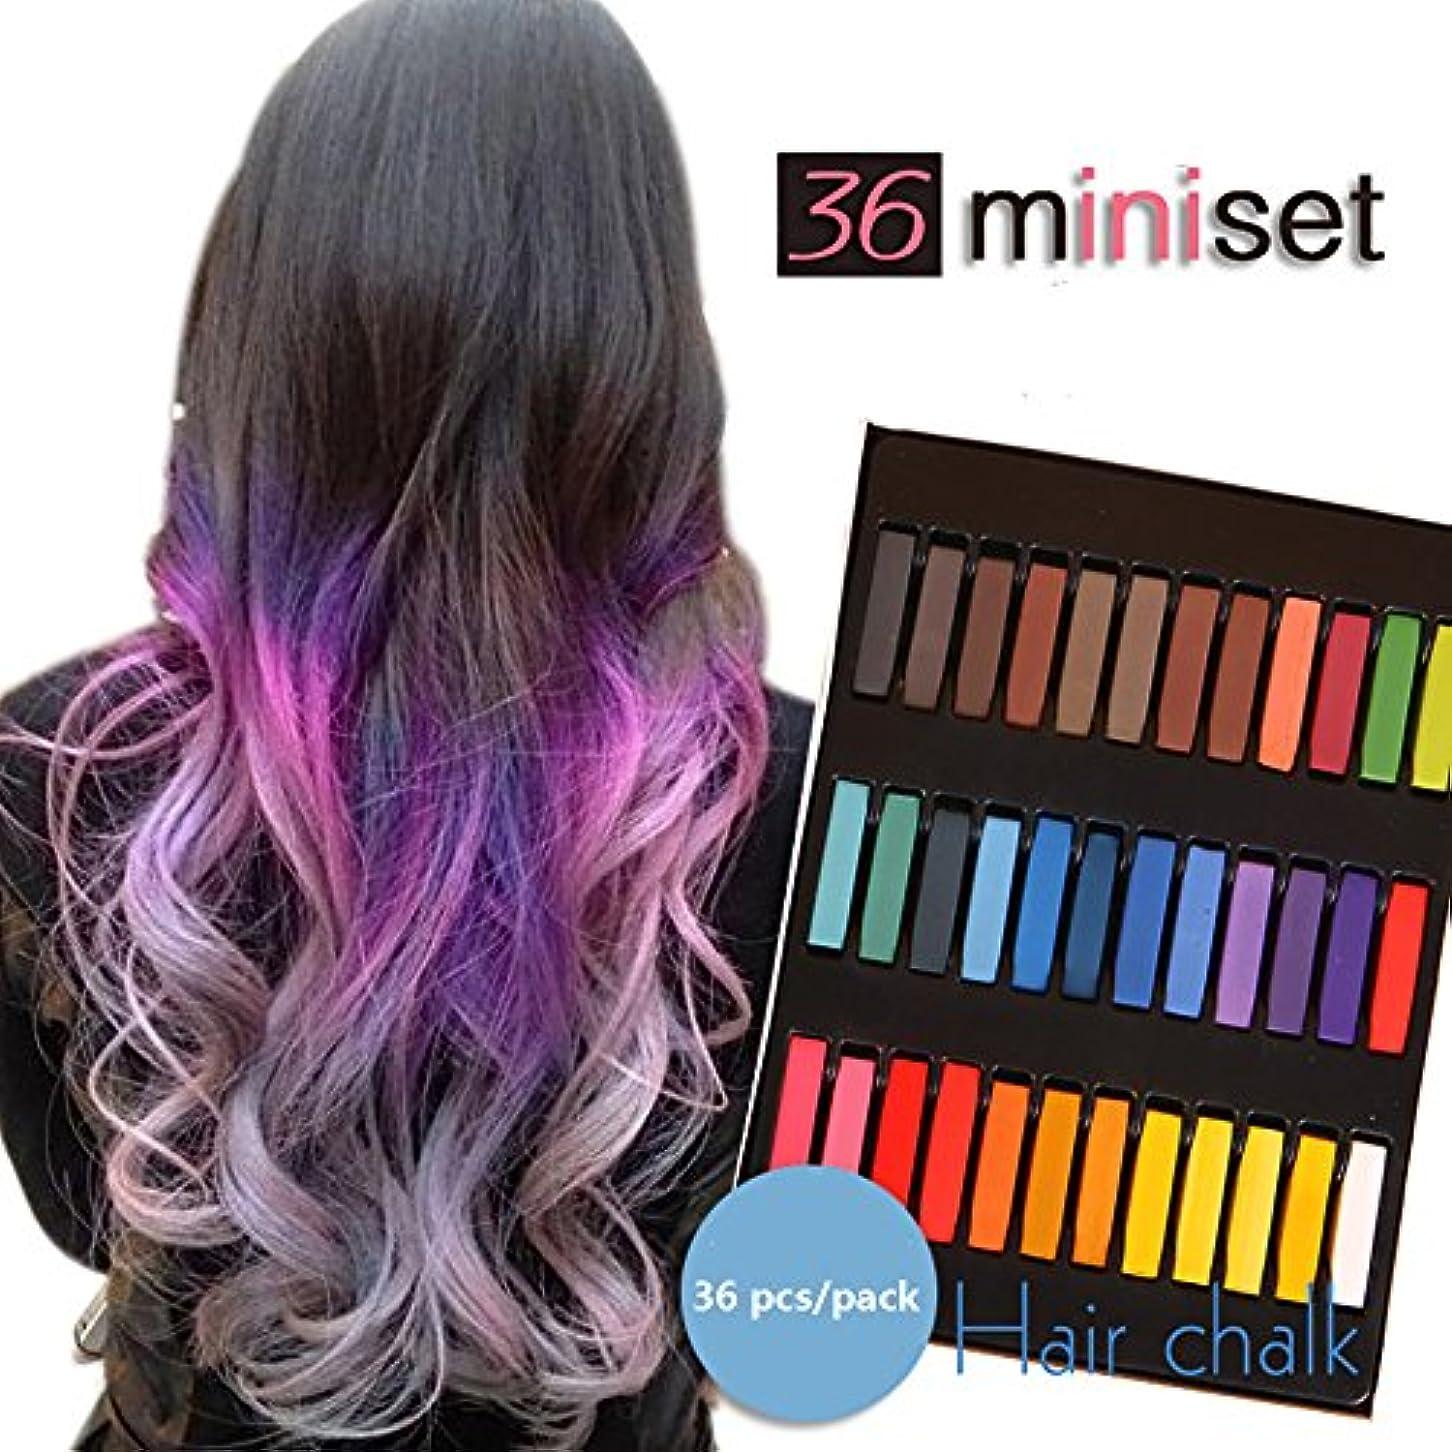 選出するギャップ寄生虫大ブレイク中!HAIR CHALKIN 選べる 6色/12色/24色/36色 髪専用に開発された安心商品! ヘアチョーク ヘアカラーチョーク 一日だけのヘアカラーでイメチェンが楽しめる!美容室のヘアカラーでは表現しづらい...